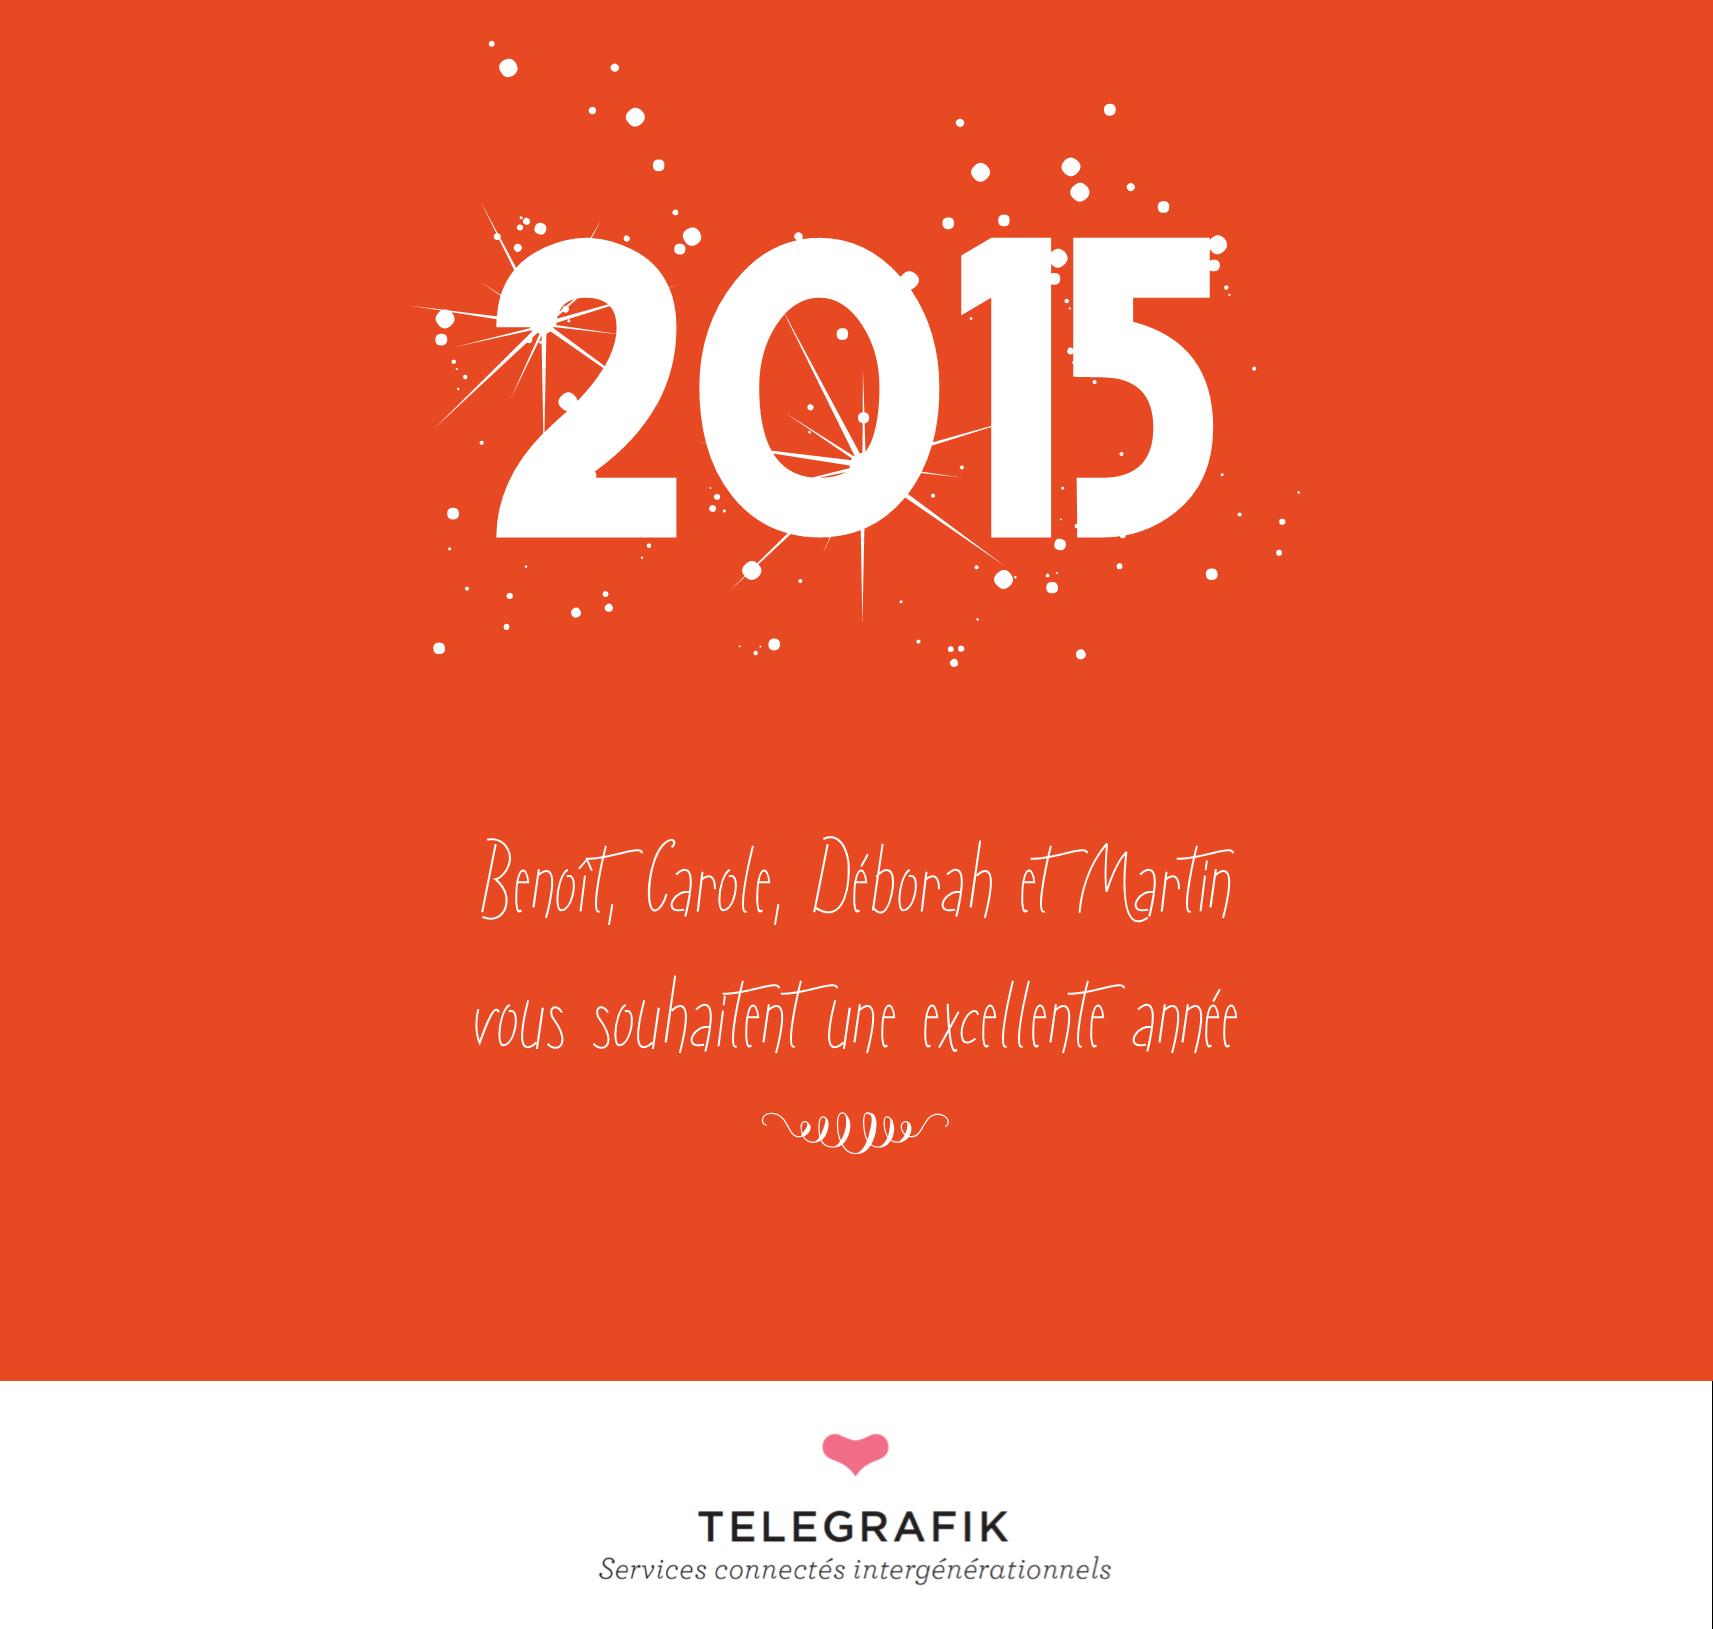 carte-de-vœux-2015